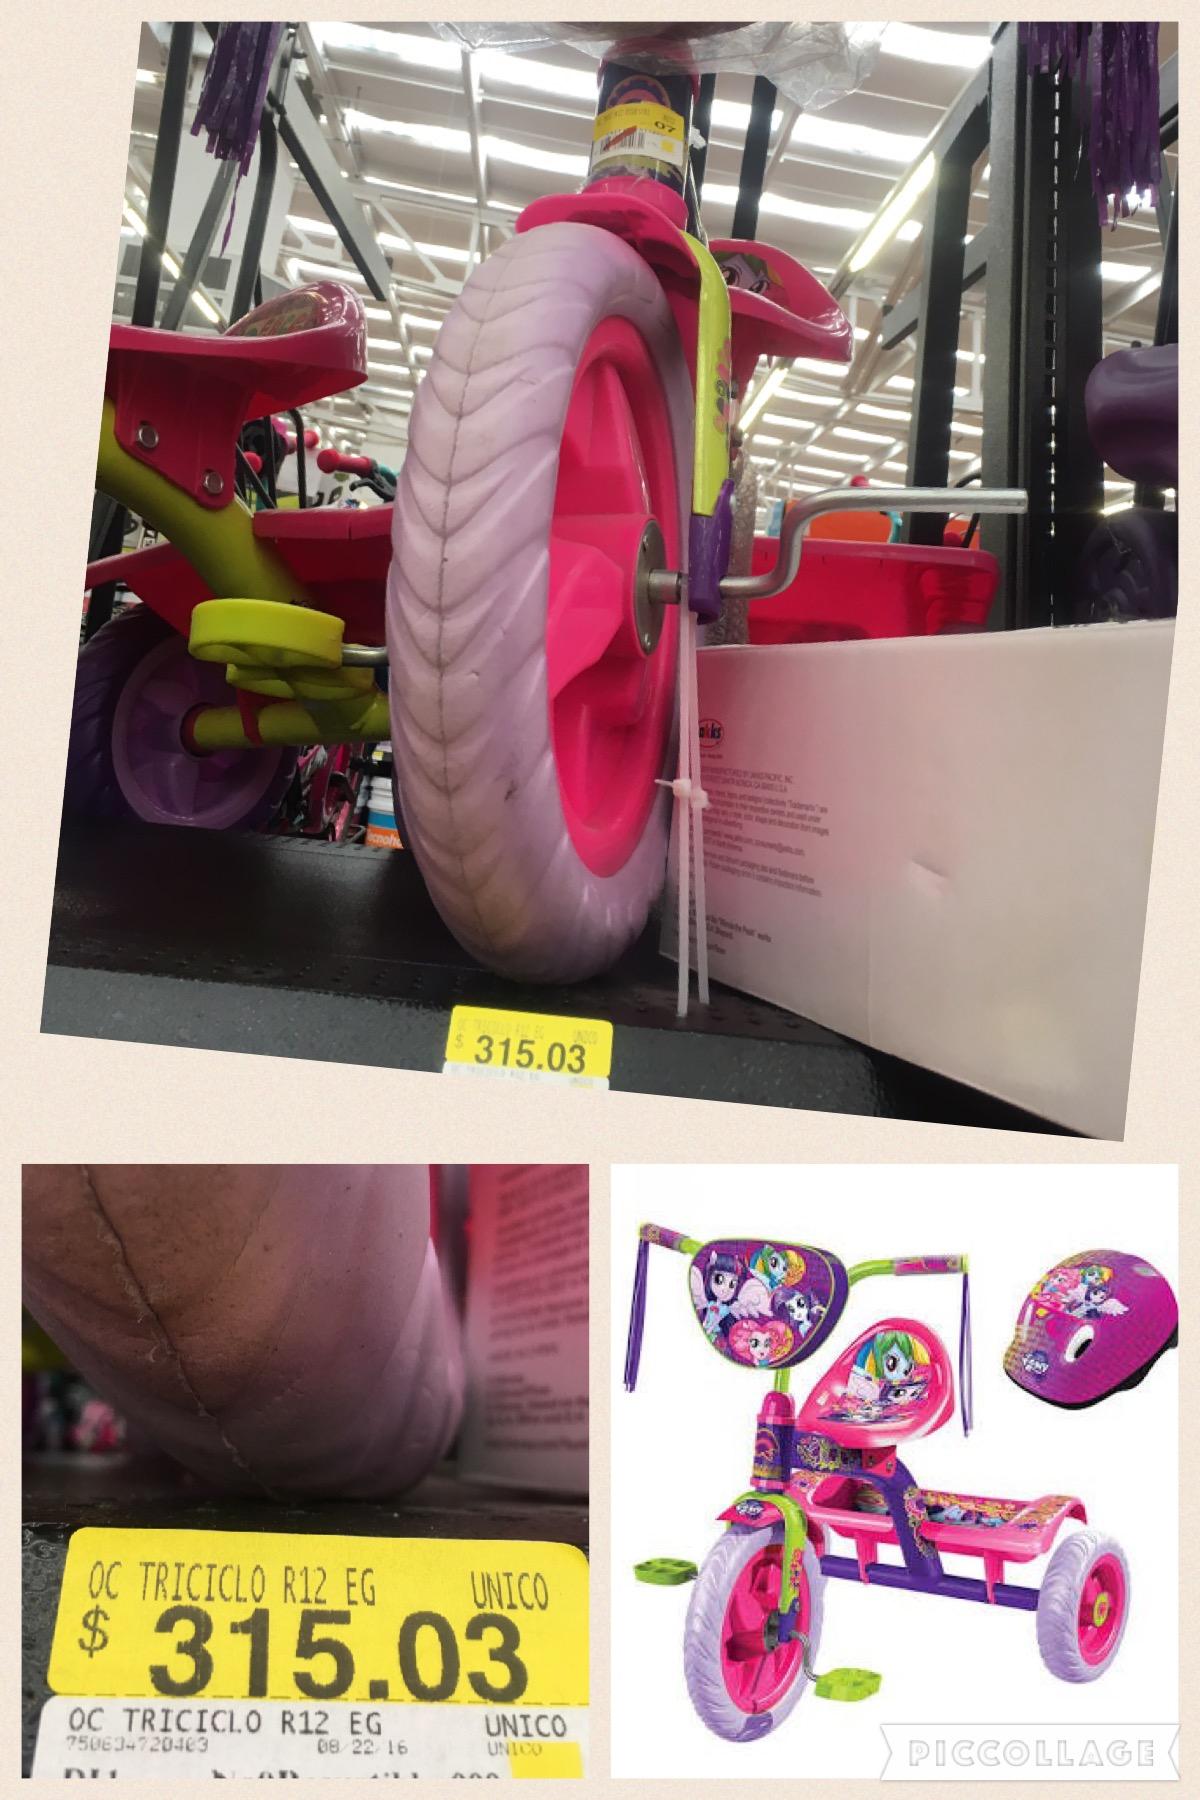 Walmart Metepec: triciclo R12 para niña a $315.03